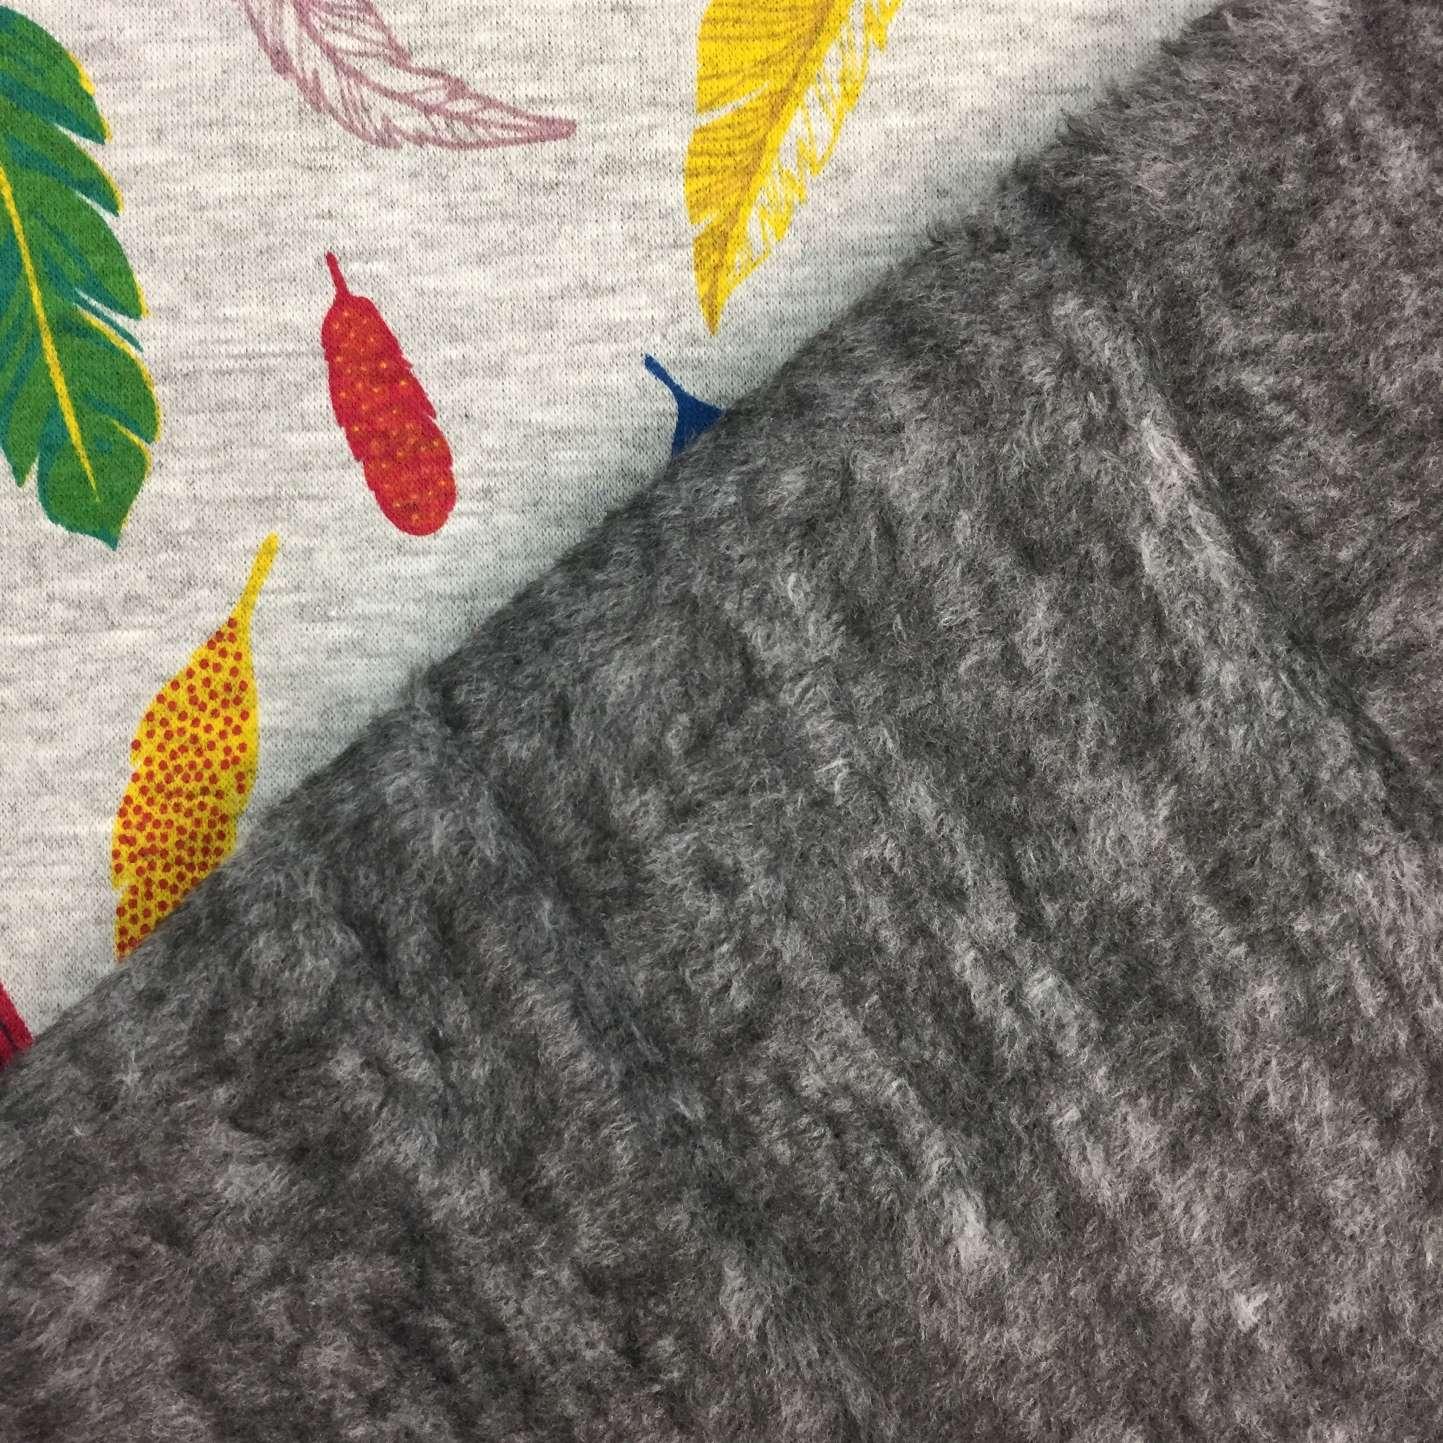 Sudadera invierno estampada con plumas de colores en fondo gris